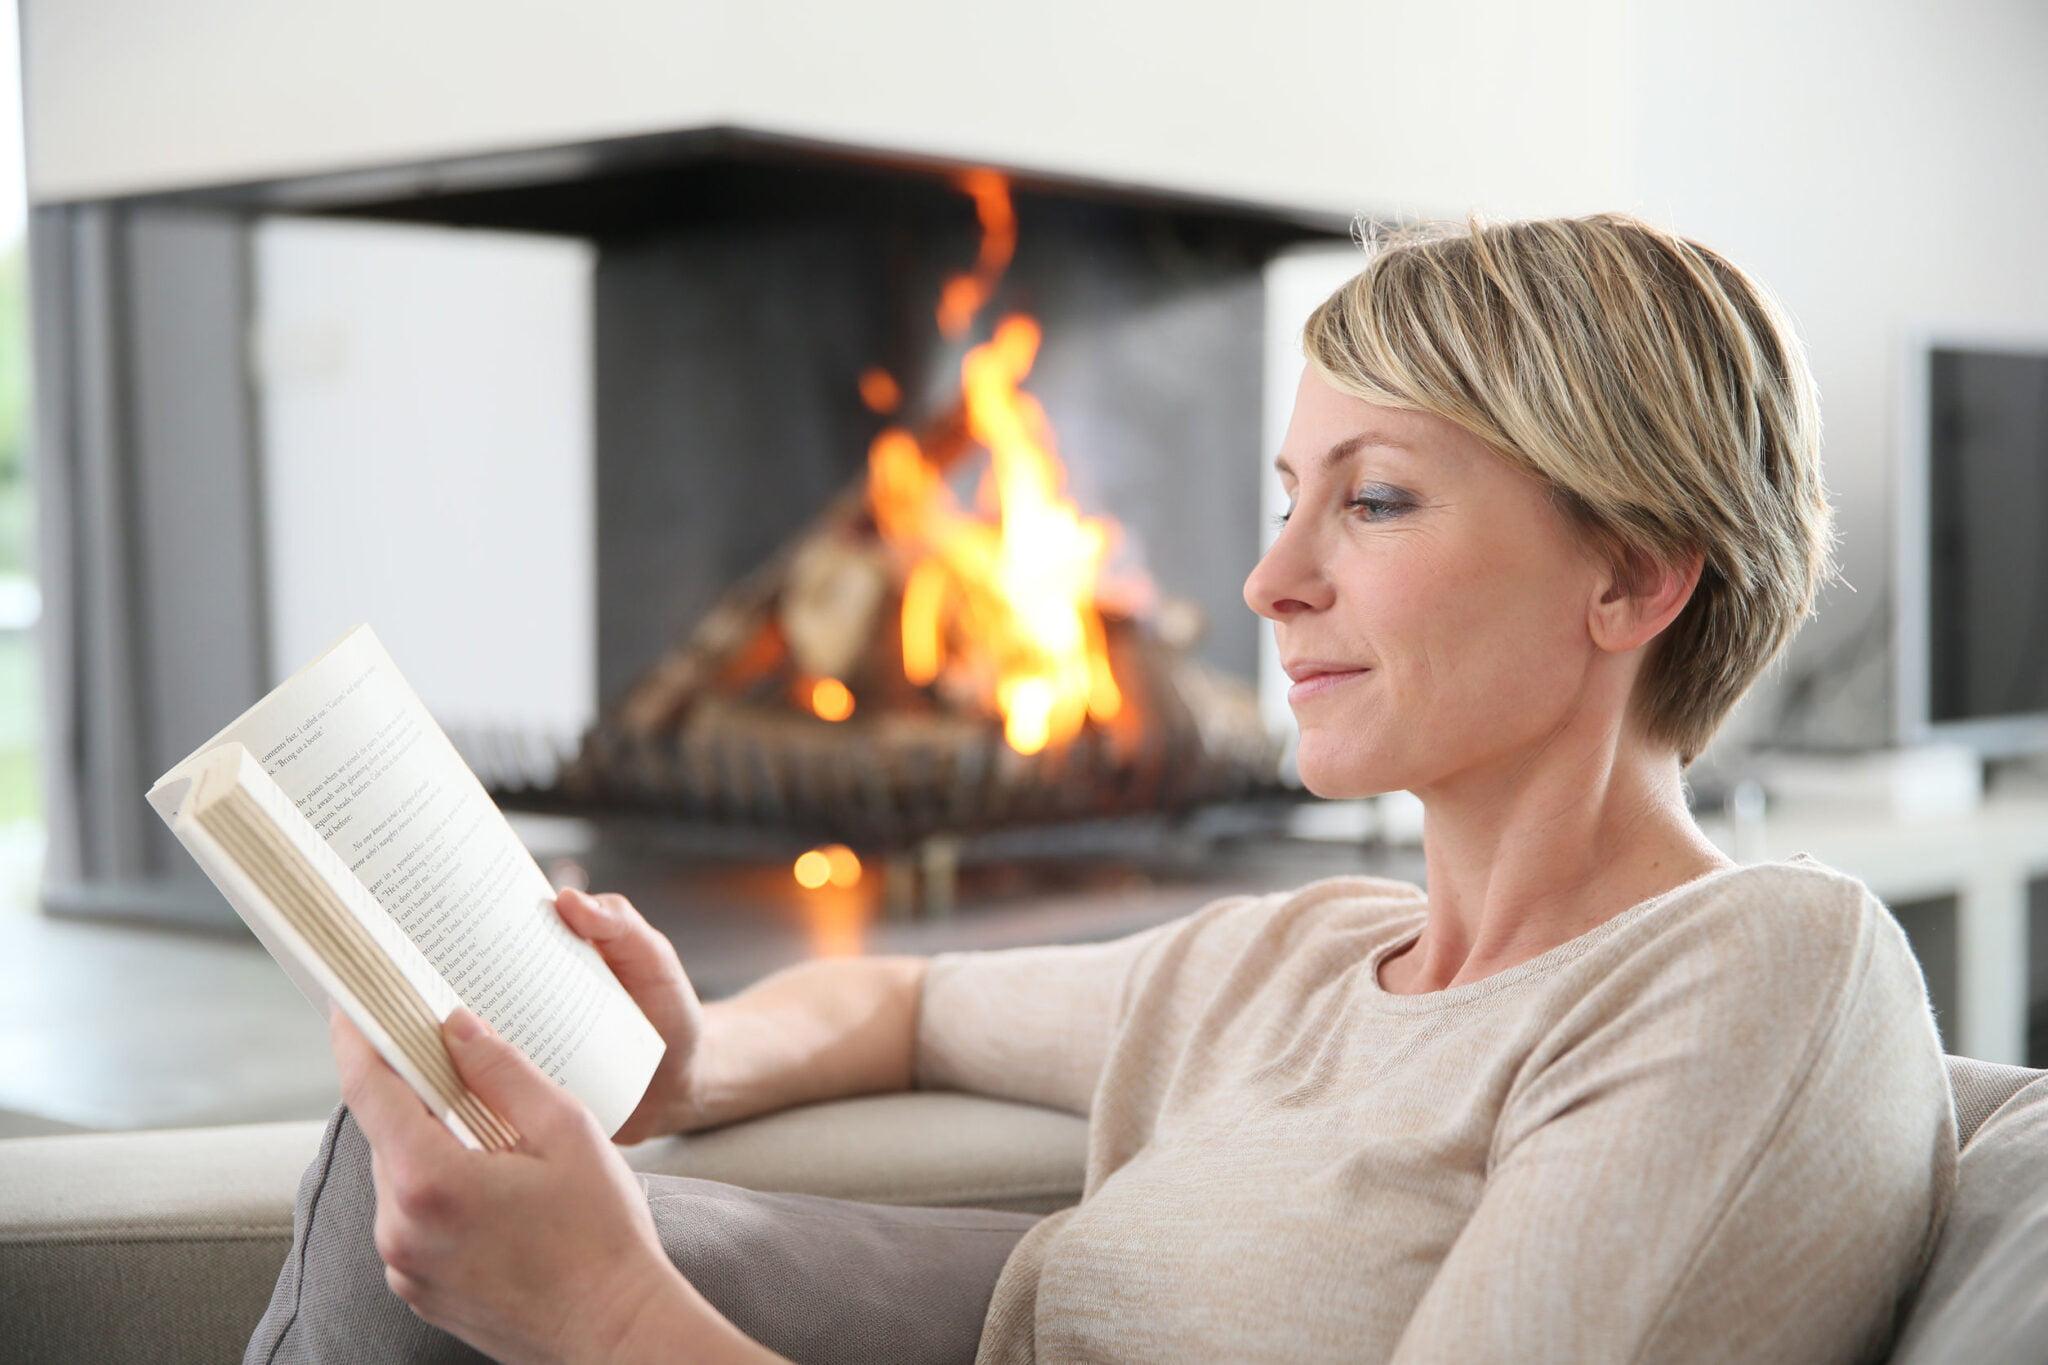 Persoonlijke ontwikkeling boeken tips - Mamaliefde.nl